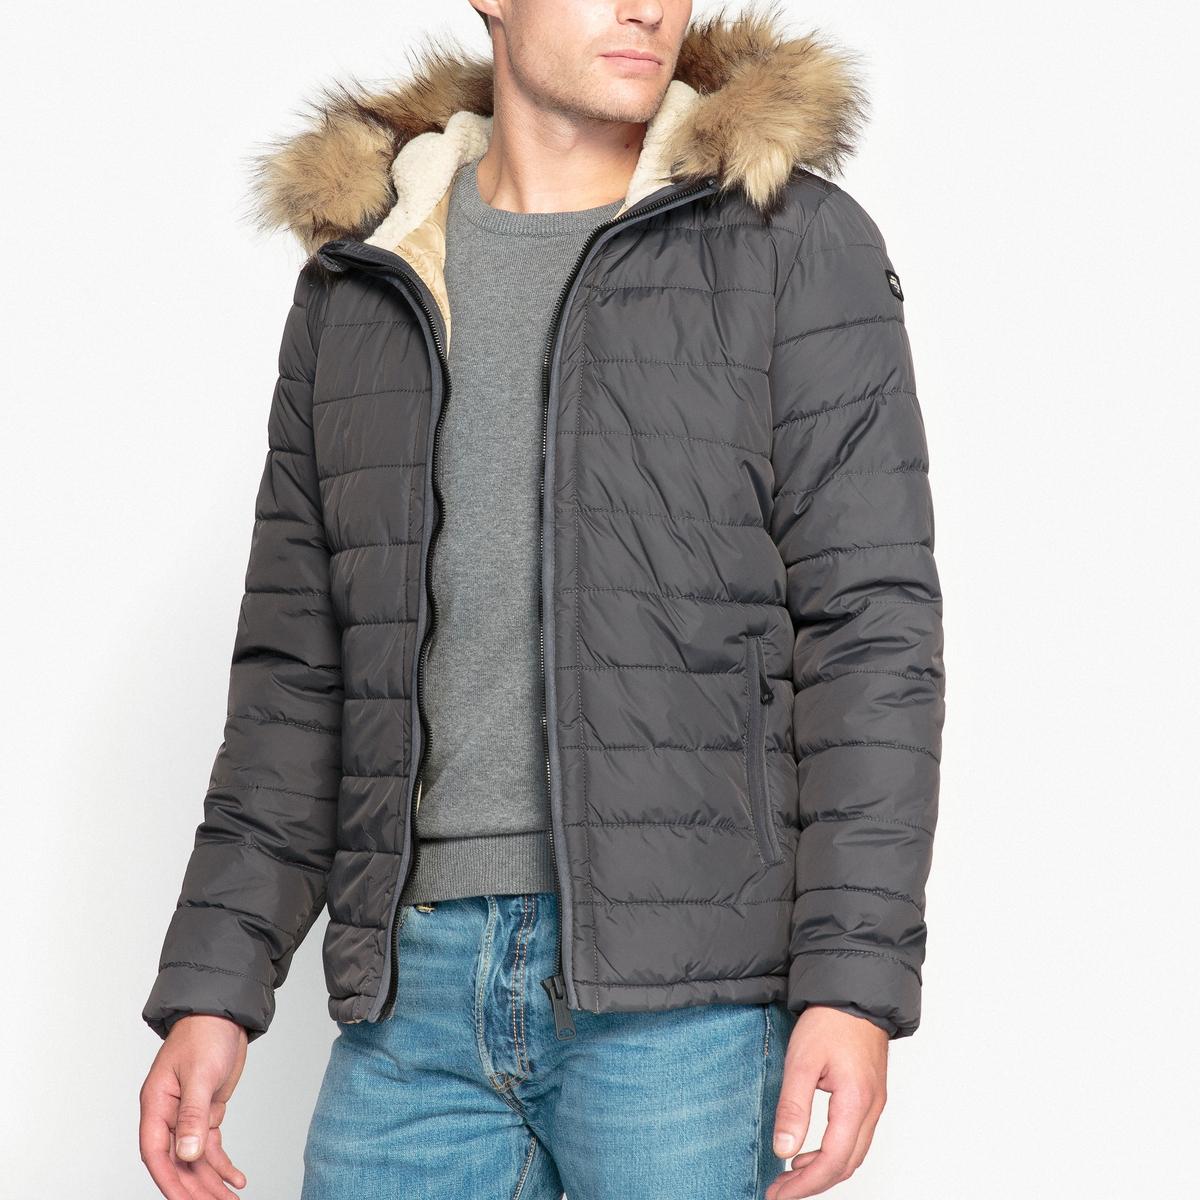 Куртка стеганая с капюшономОписание:Детали •  Длина : средняя •  Капюшон  •  Застежка на молнию •  С капюшоном Состав и уход •  100% полиамид  •  Следуйте советам по уходу, указанным на этикетке<br><br>Цвет: антрацит<br>Размер: L.XL.XXL